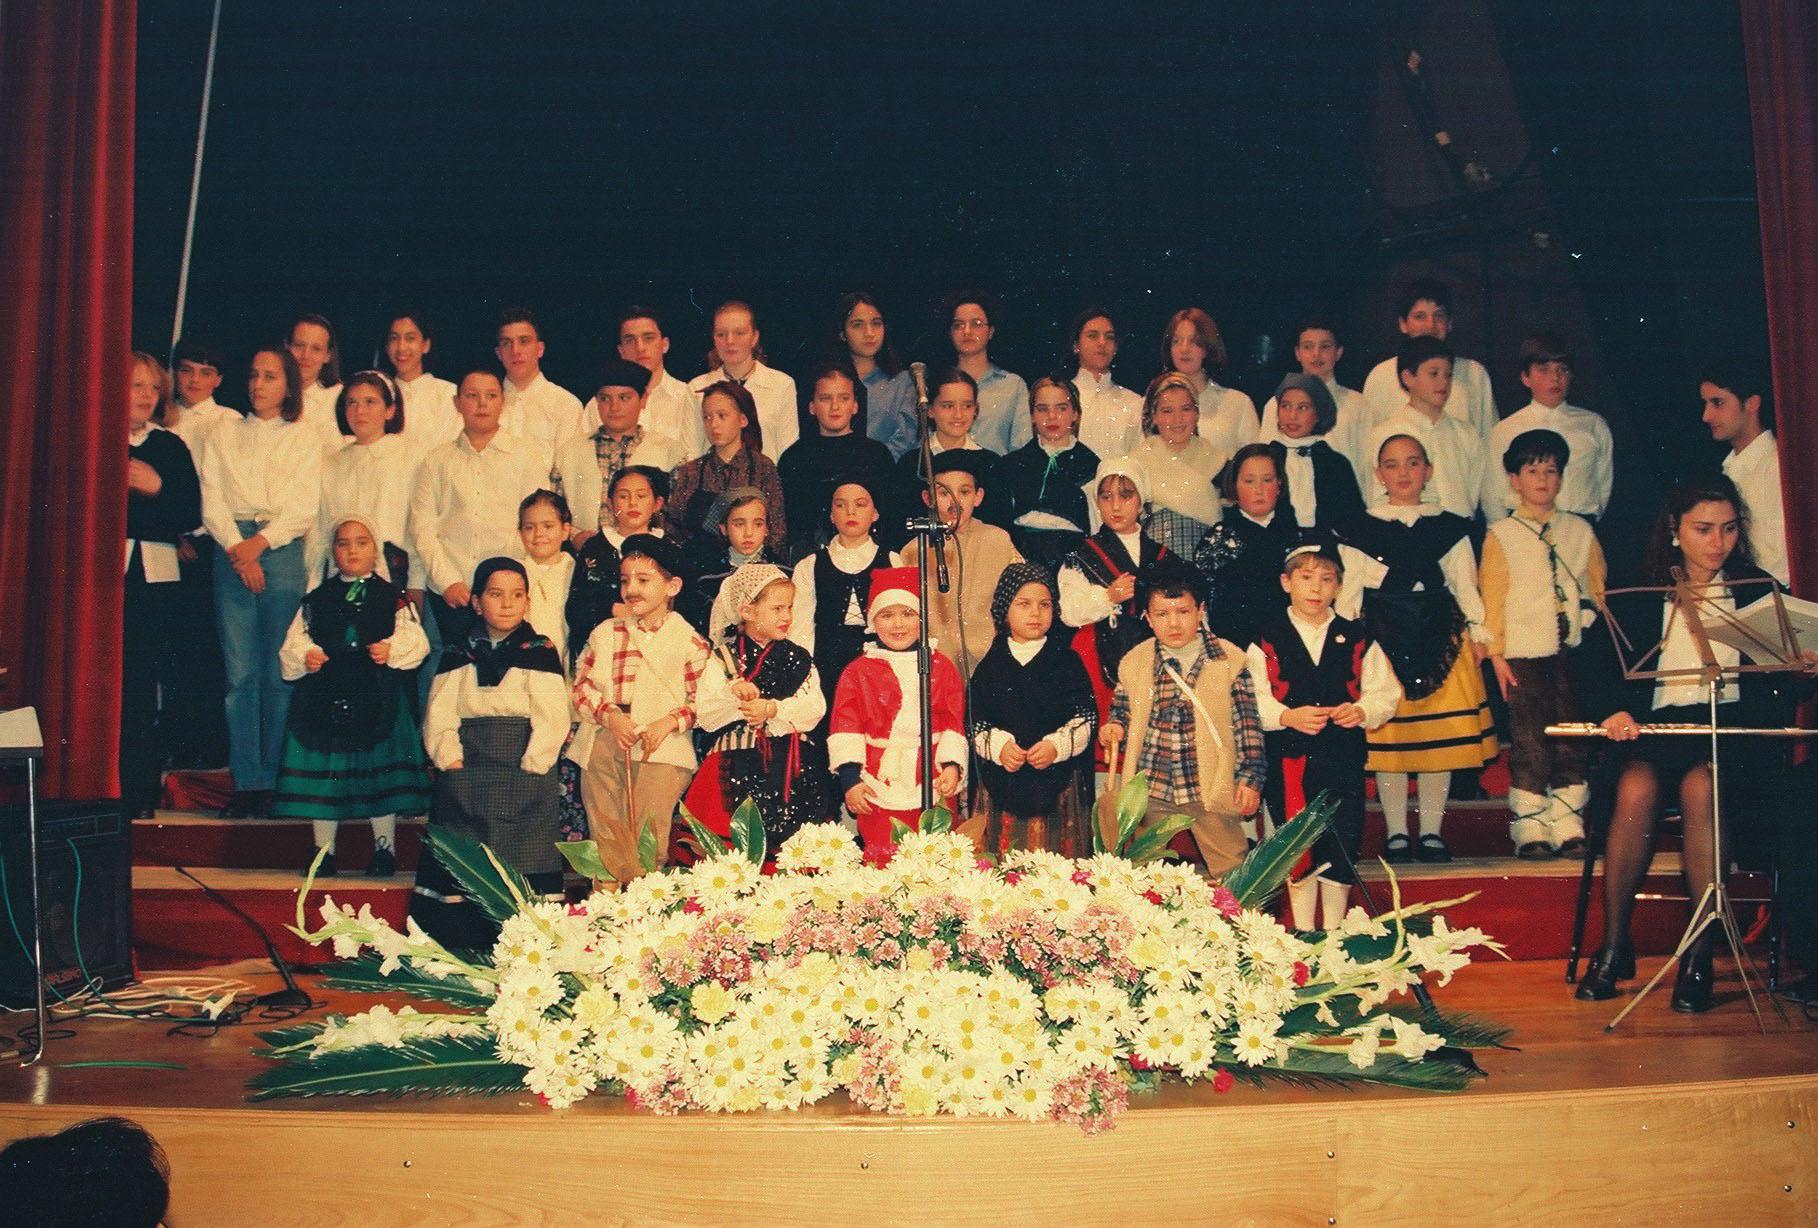 La foto y su pie.- Aquel concierto navideño del 98